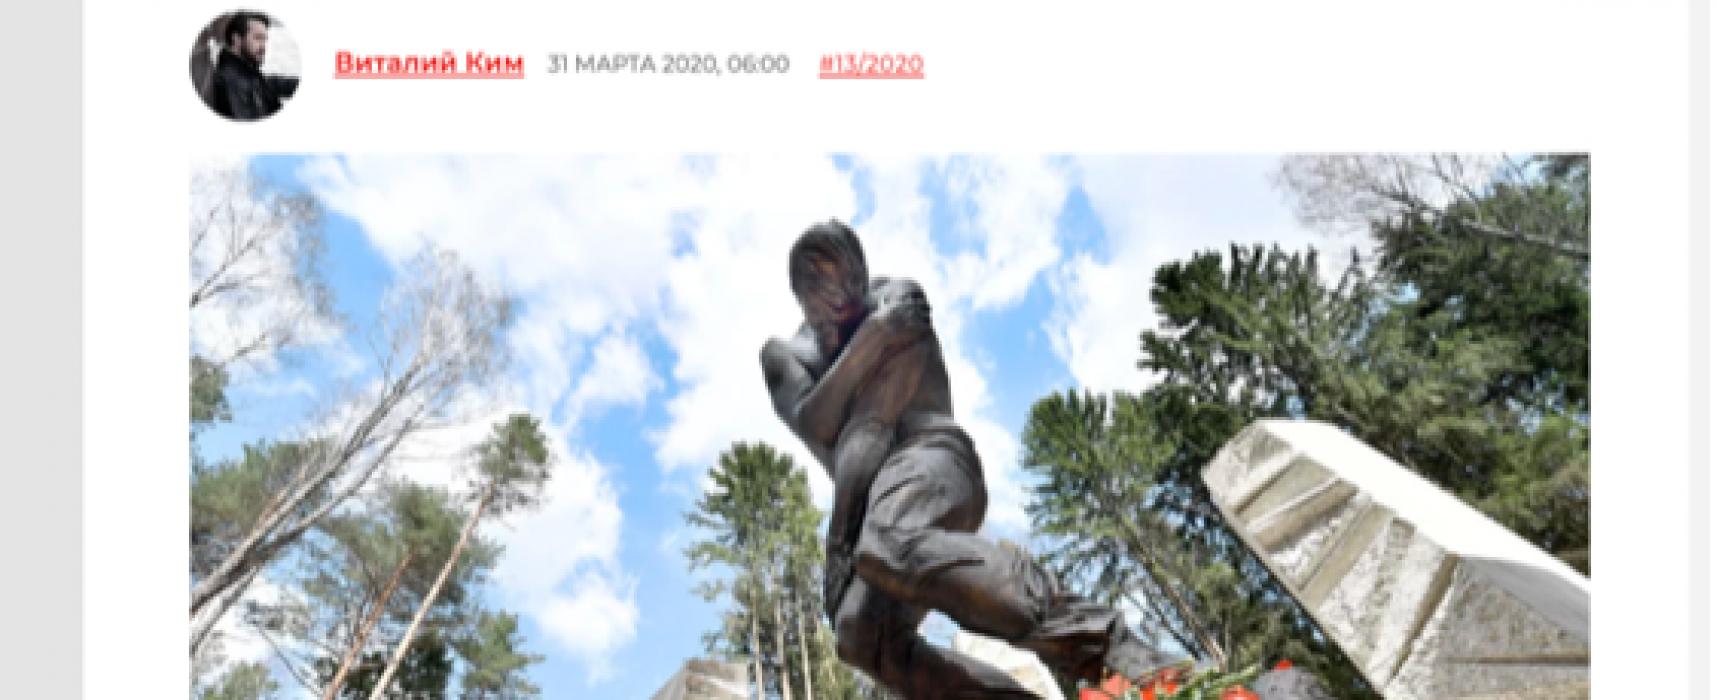 Фейк: Расстрелы поляков в Катыни совершили нацисты